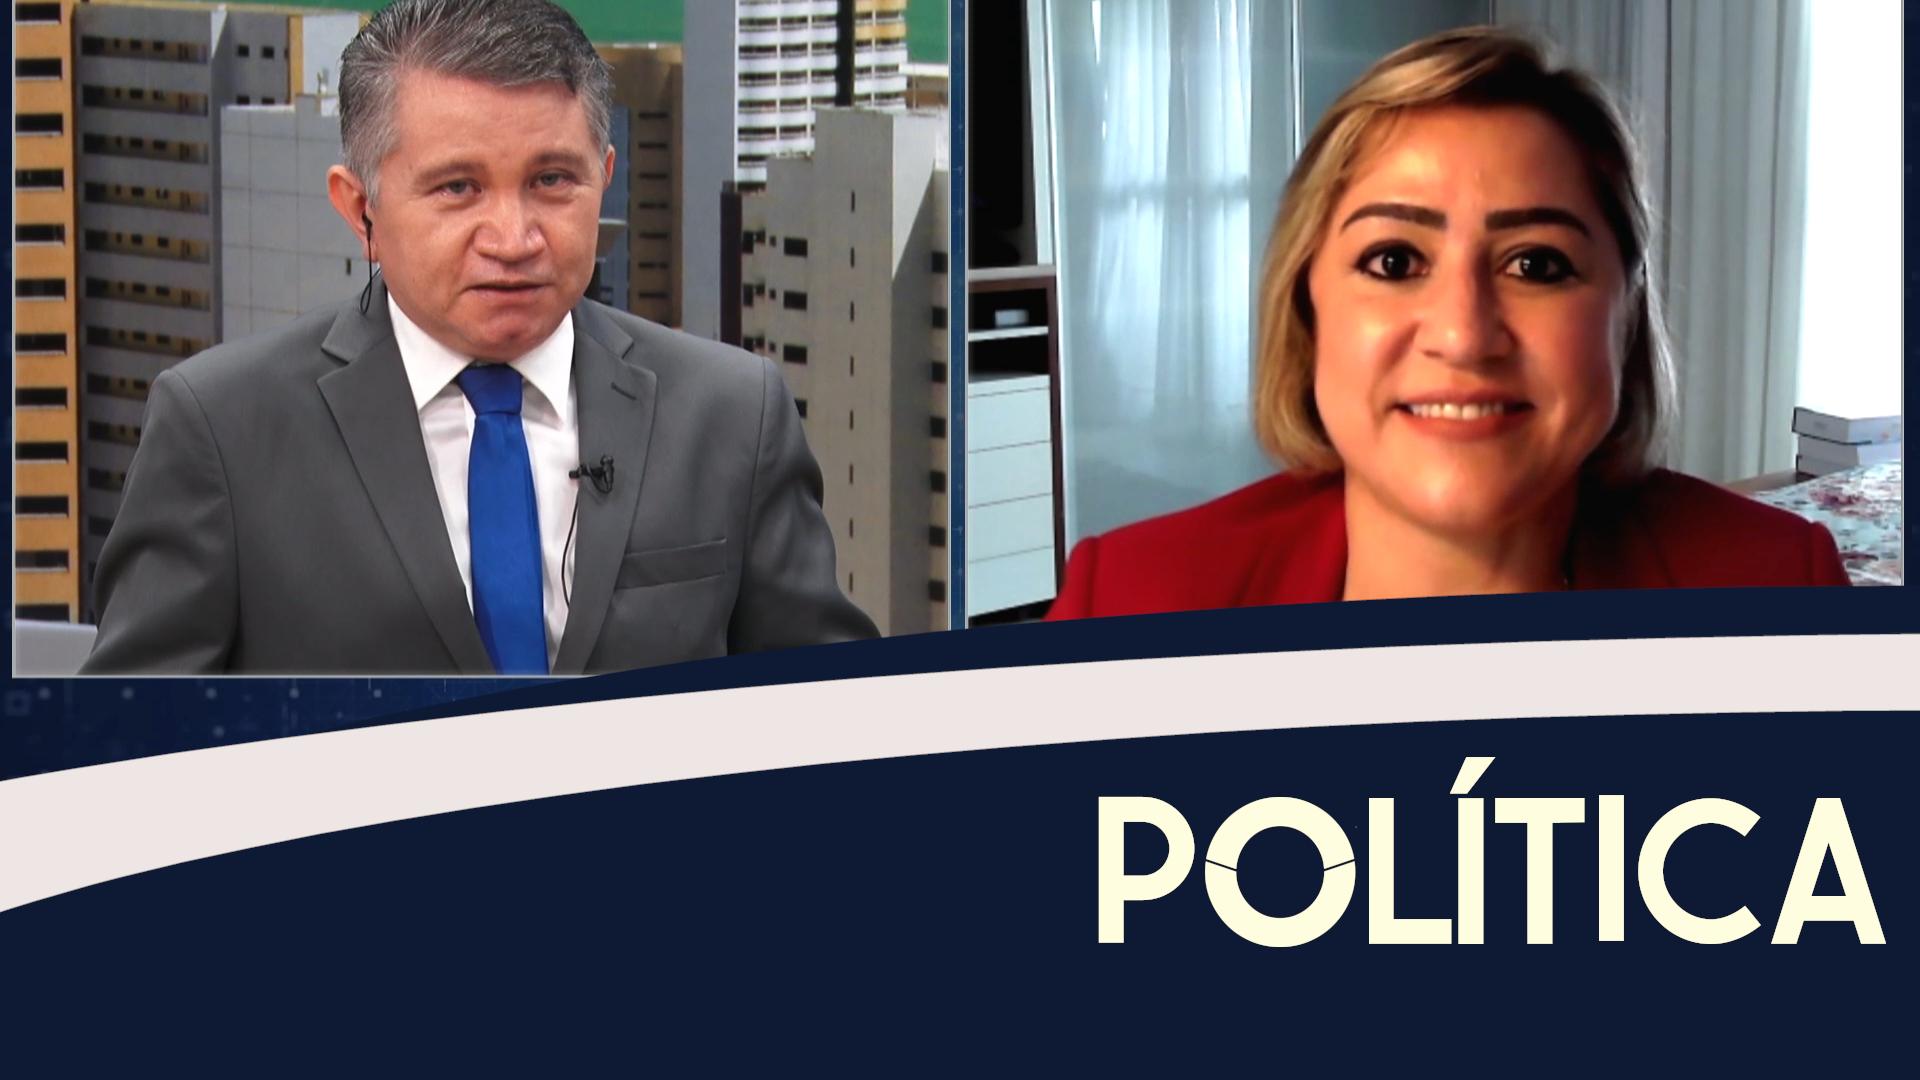 Política entrevista, Andrea Coelho, Pres. da ADPEC